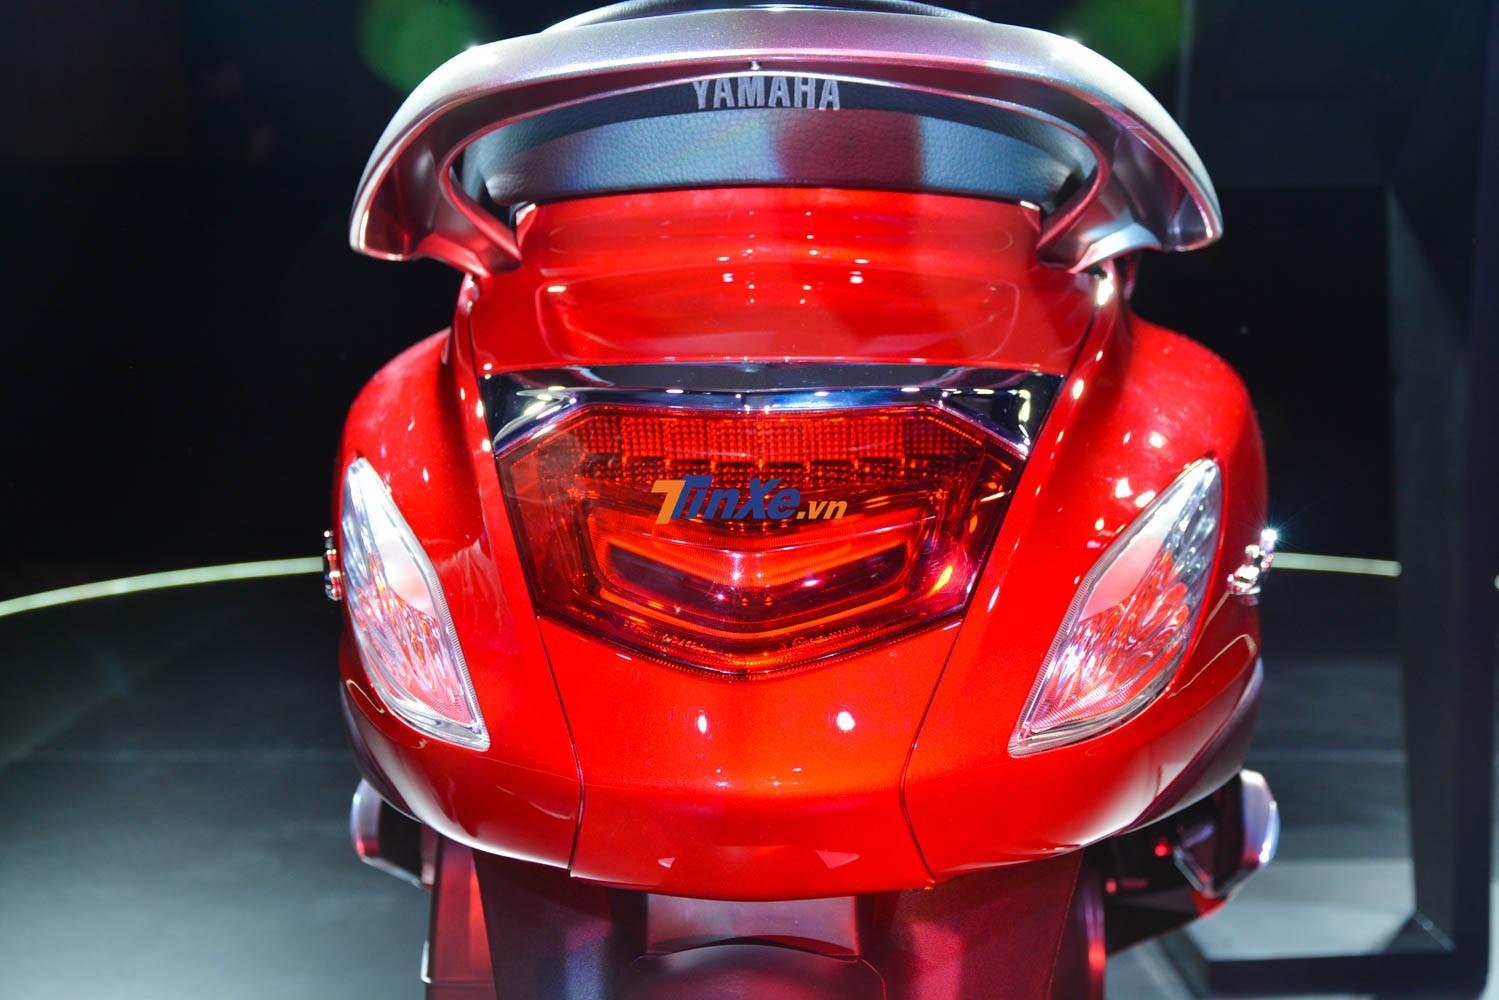 Đèn hậu được nâng cao hơn với dải đèn hình chữ V